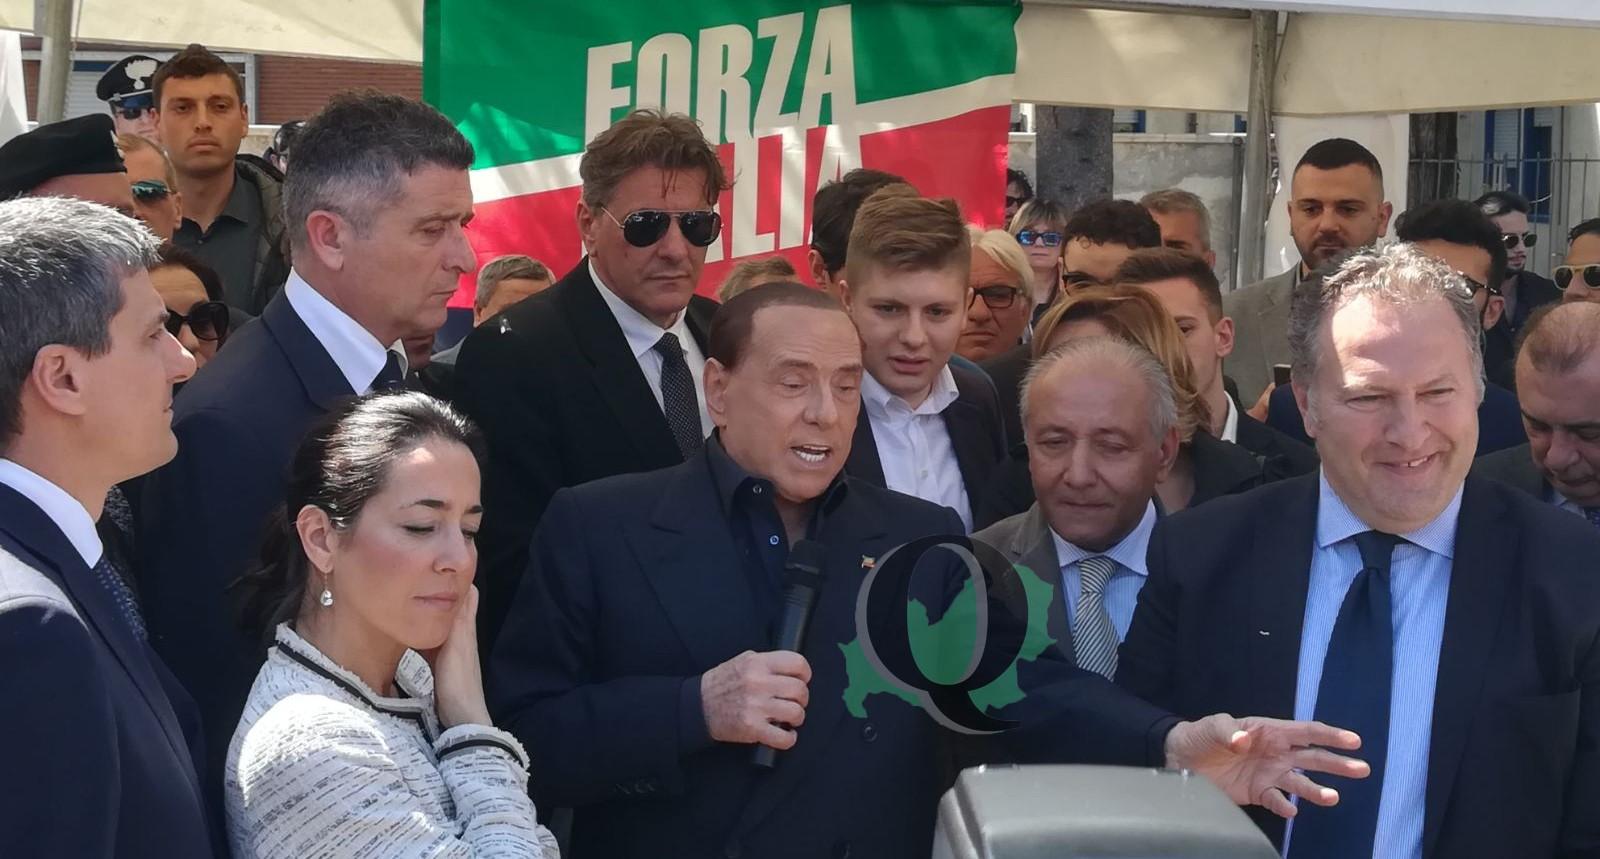 """Berlusconi in Molise: """"Greco un tronista. I grillini li manderei a pulire i cessi nella mia azienda"""""""